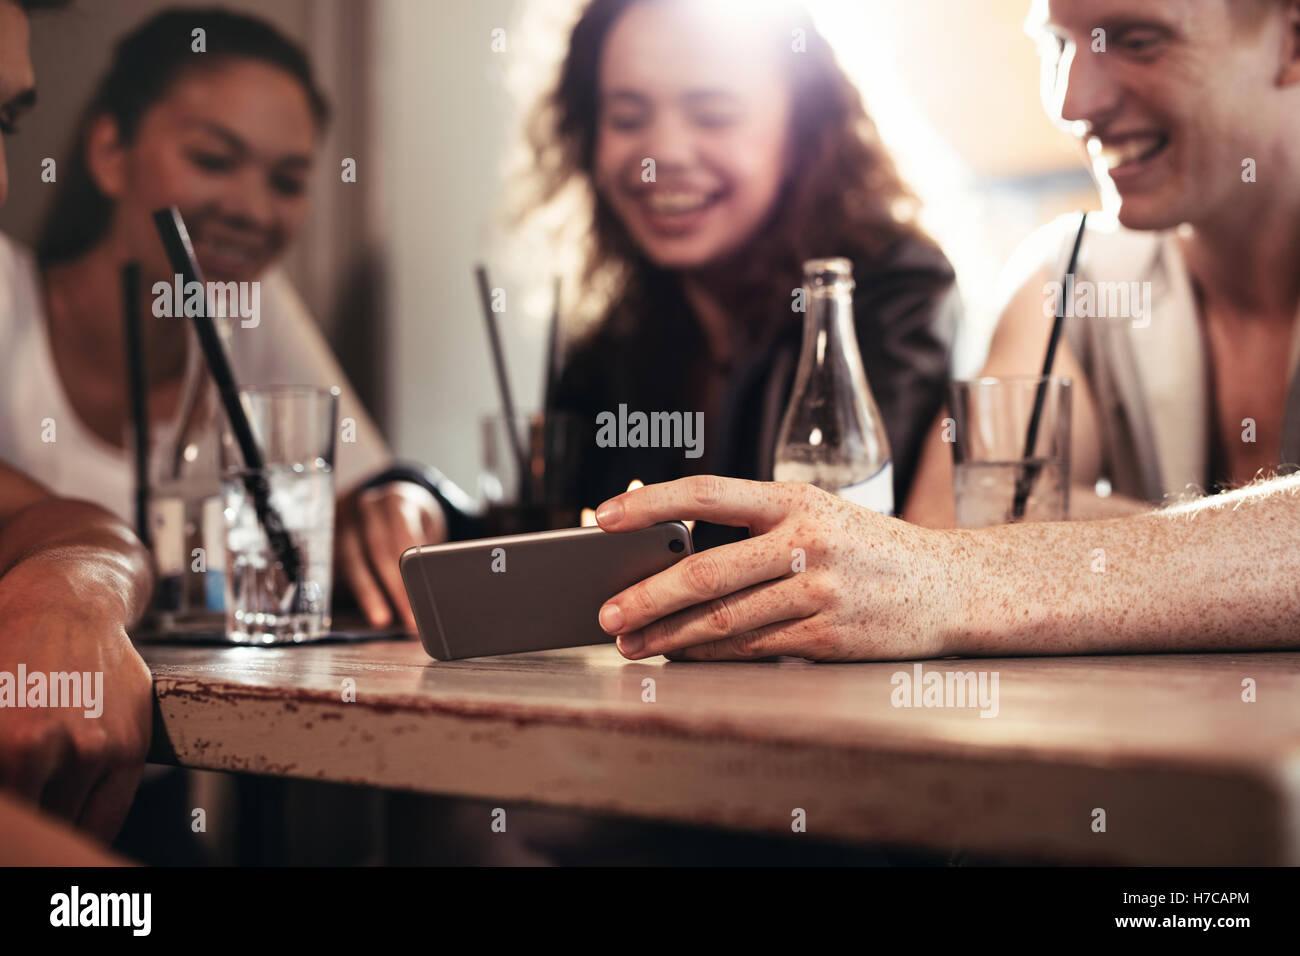 Gruppo di amici seduti in un bar e guardare un video divertente sul telefono cellulare, concentrarsi sul telefono Immagini Stock